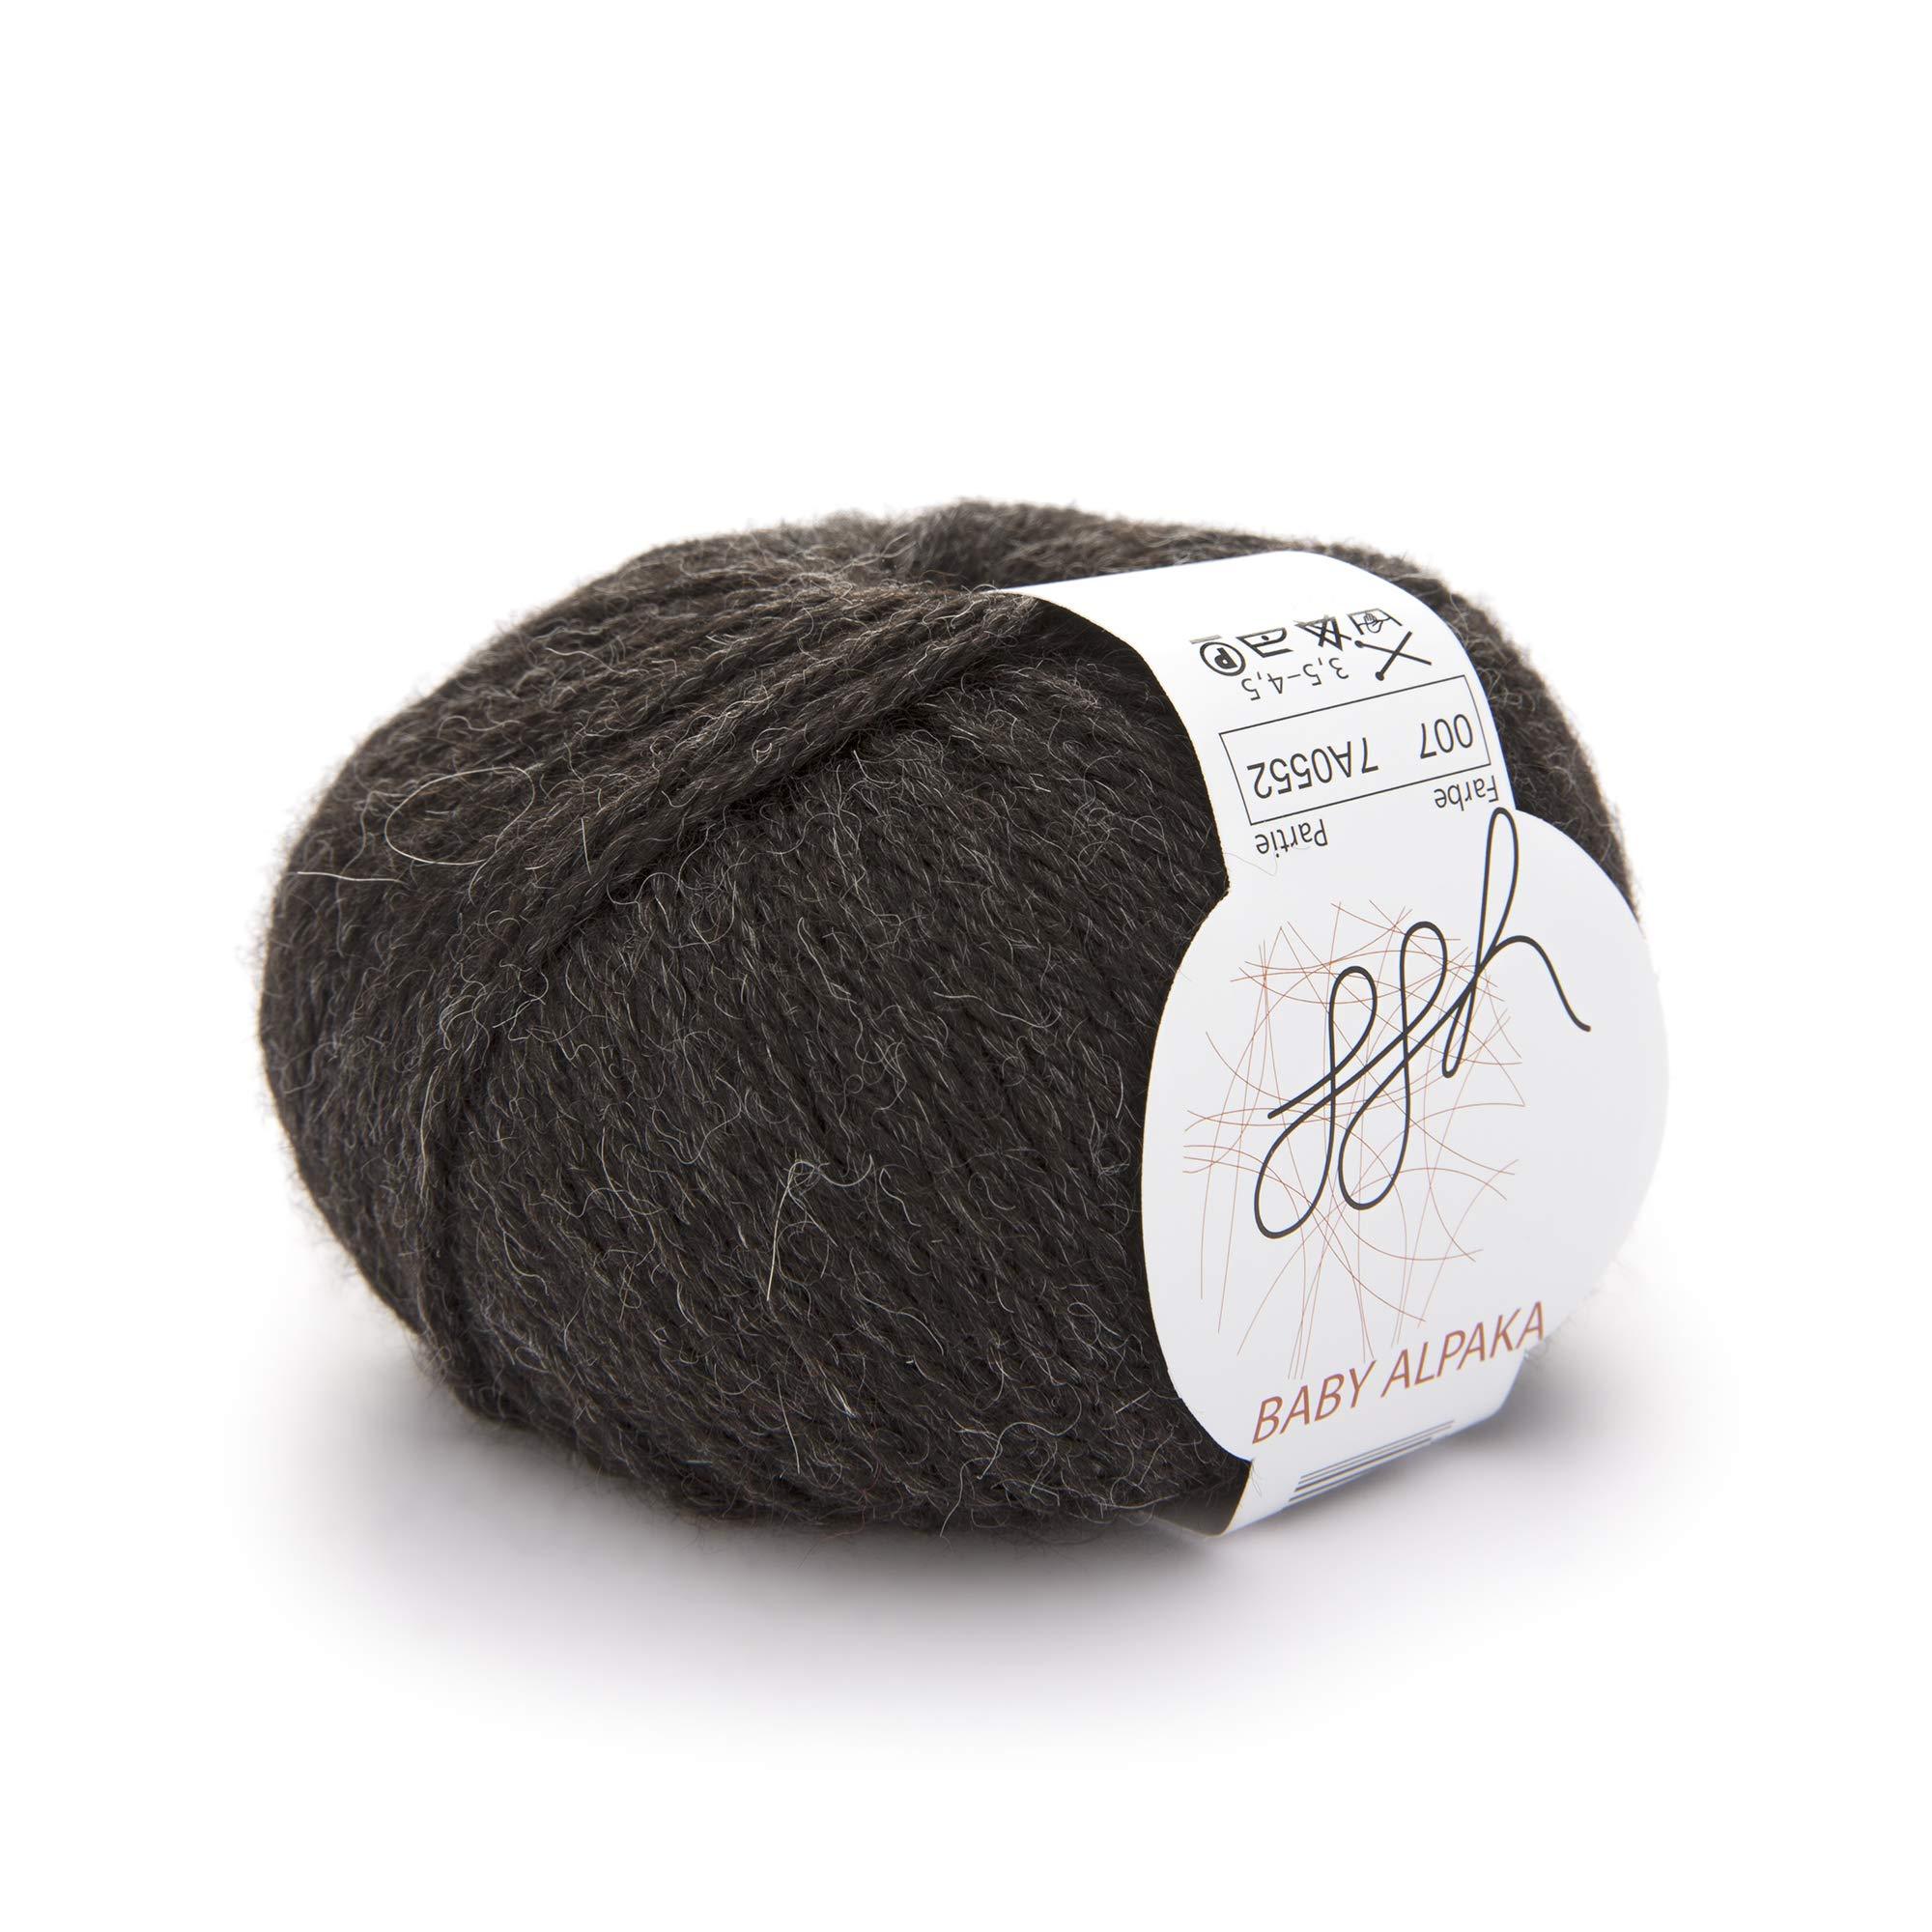 ggh Baby Alpaka natur - 003 - caja de cartón - Lana de alpaca bebé para tejer y hacer ganchillo: Amazon.es: Hogar